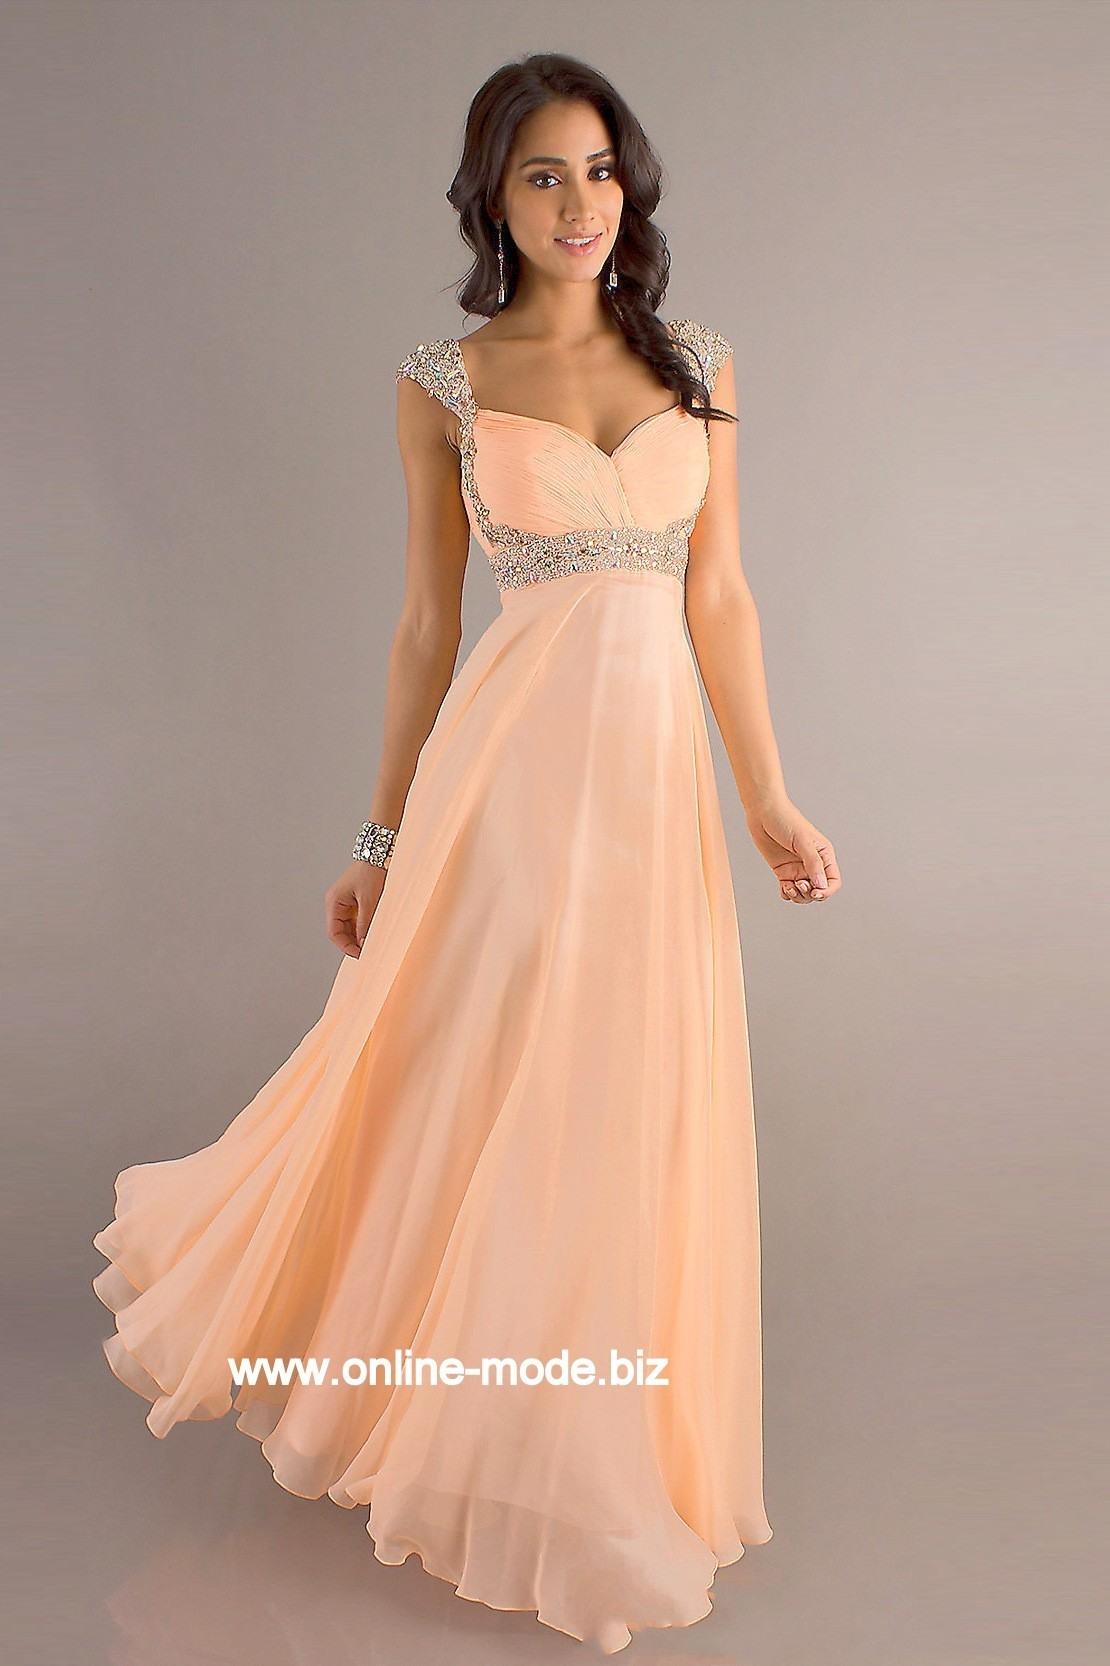 Formal Erstaunlich Damen Abendkleider Galerie10 Luxus Damen Abendkleider Spezialgebiet